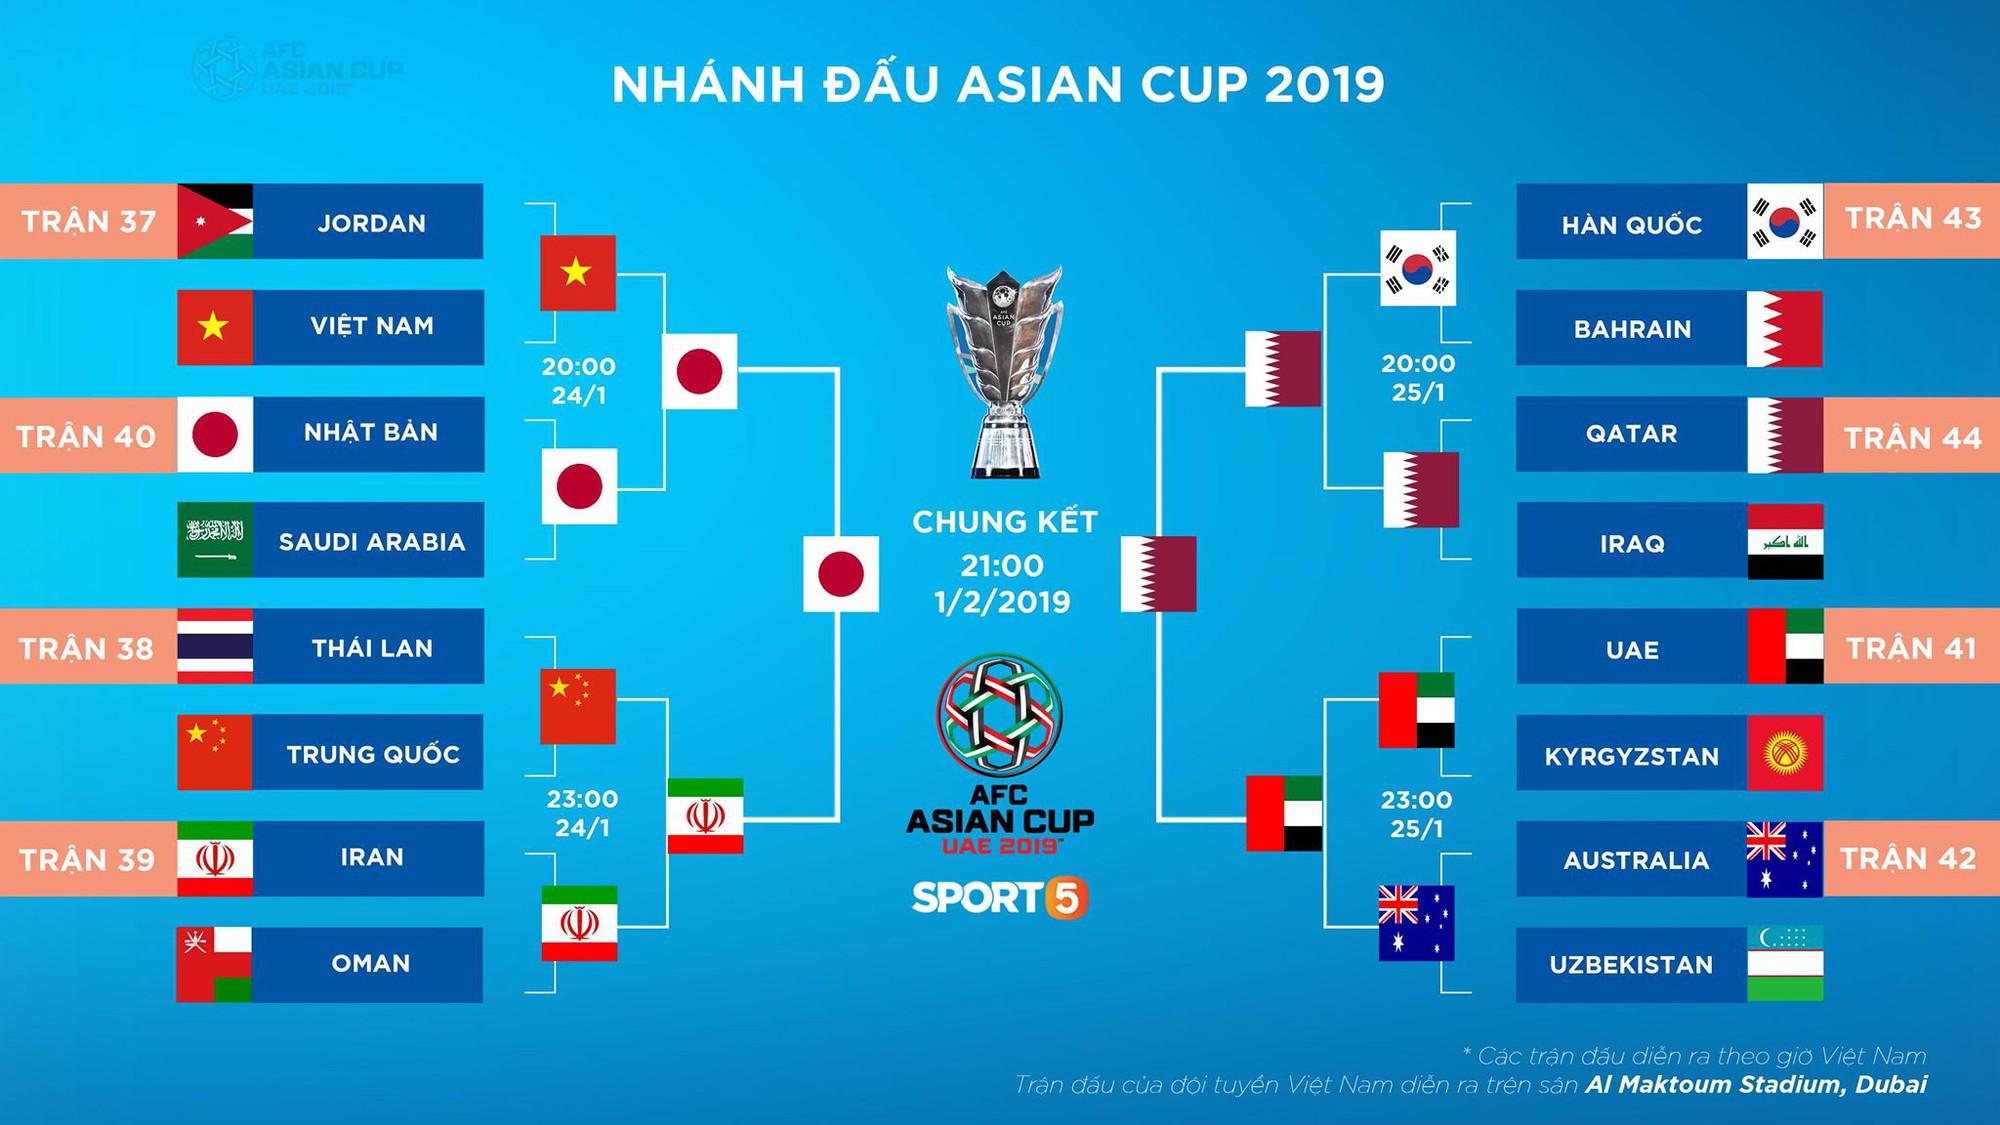 Lịch thi đấu trận chung kết Asian Cup 2019 - Ảnh 2.